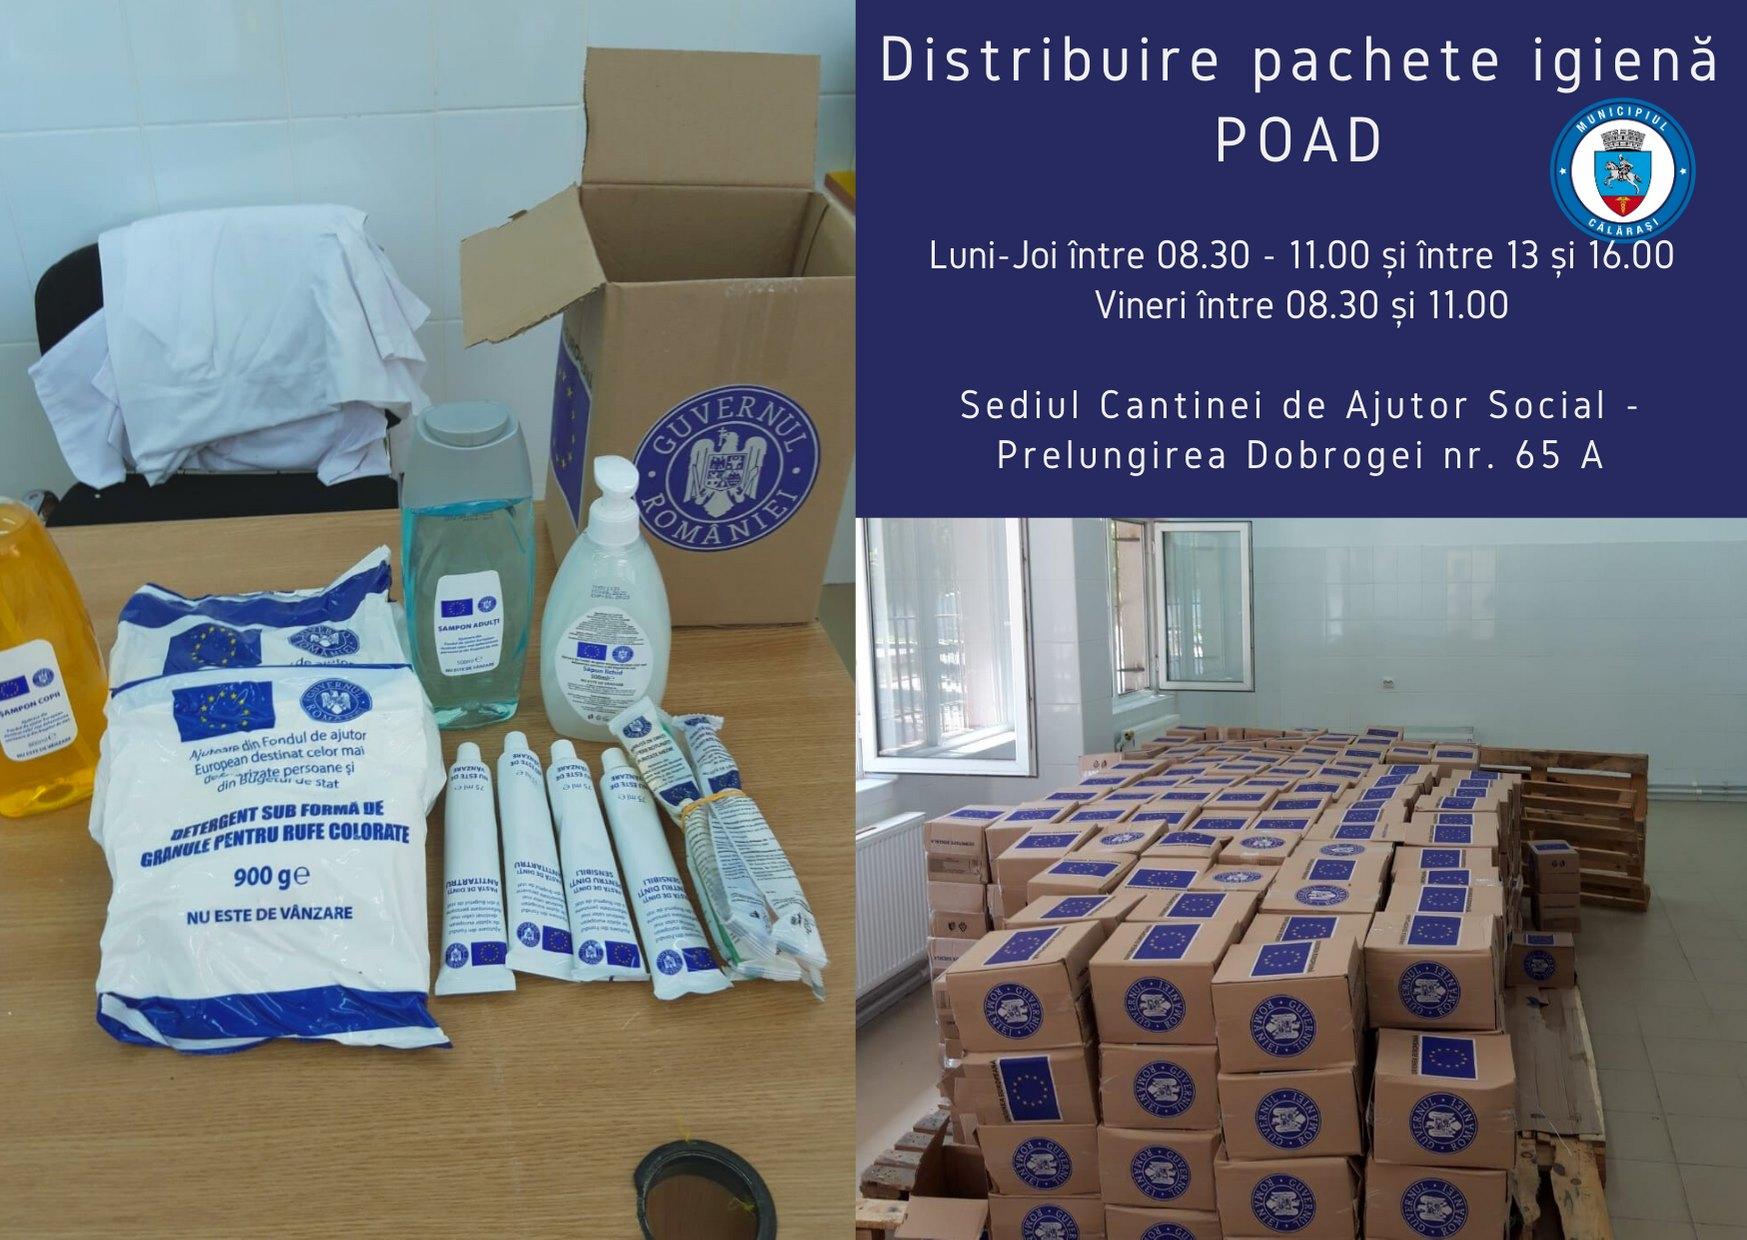 3.500 de călărășeni vor primi pachete de igienă, în cadrul Programului Operaţional Ajutorarea Persoanelor Defavorizate